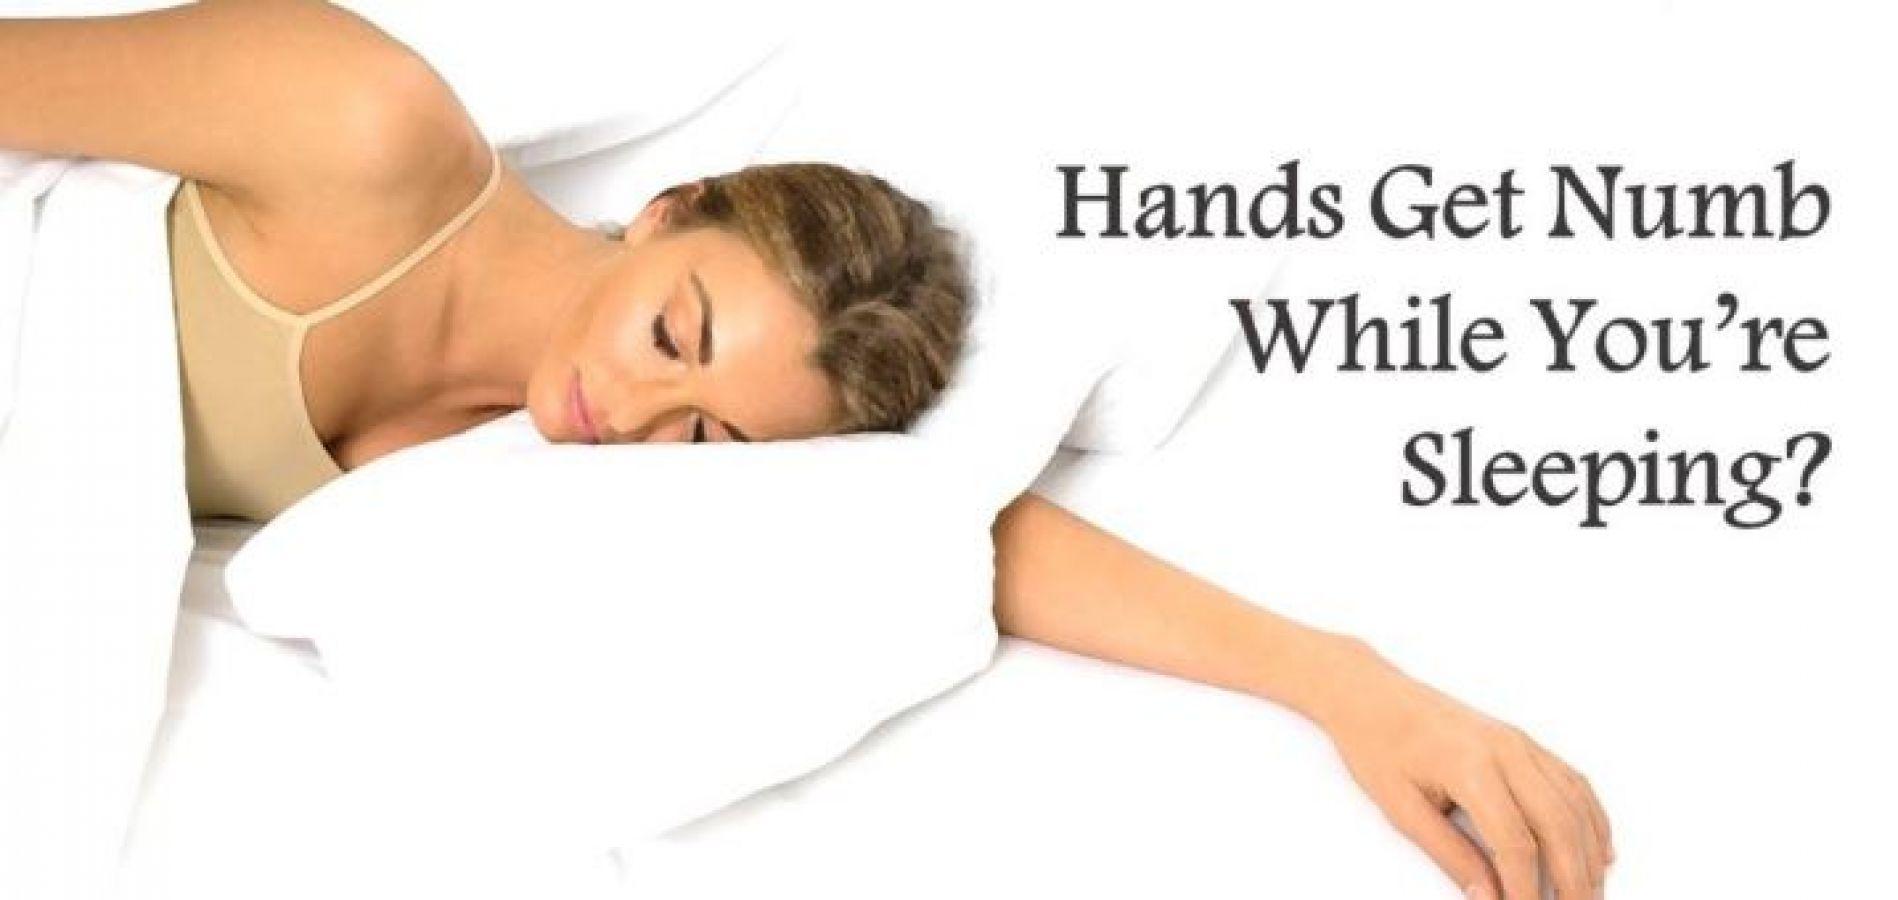 सोते समय हो जाते हैं हाथ सुन्न तो गंभीर हो सकता है कारण